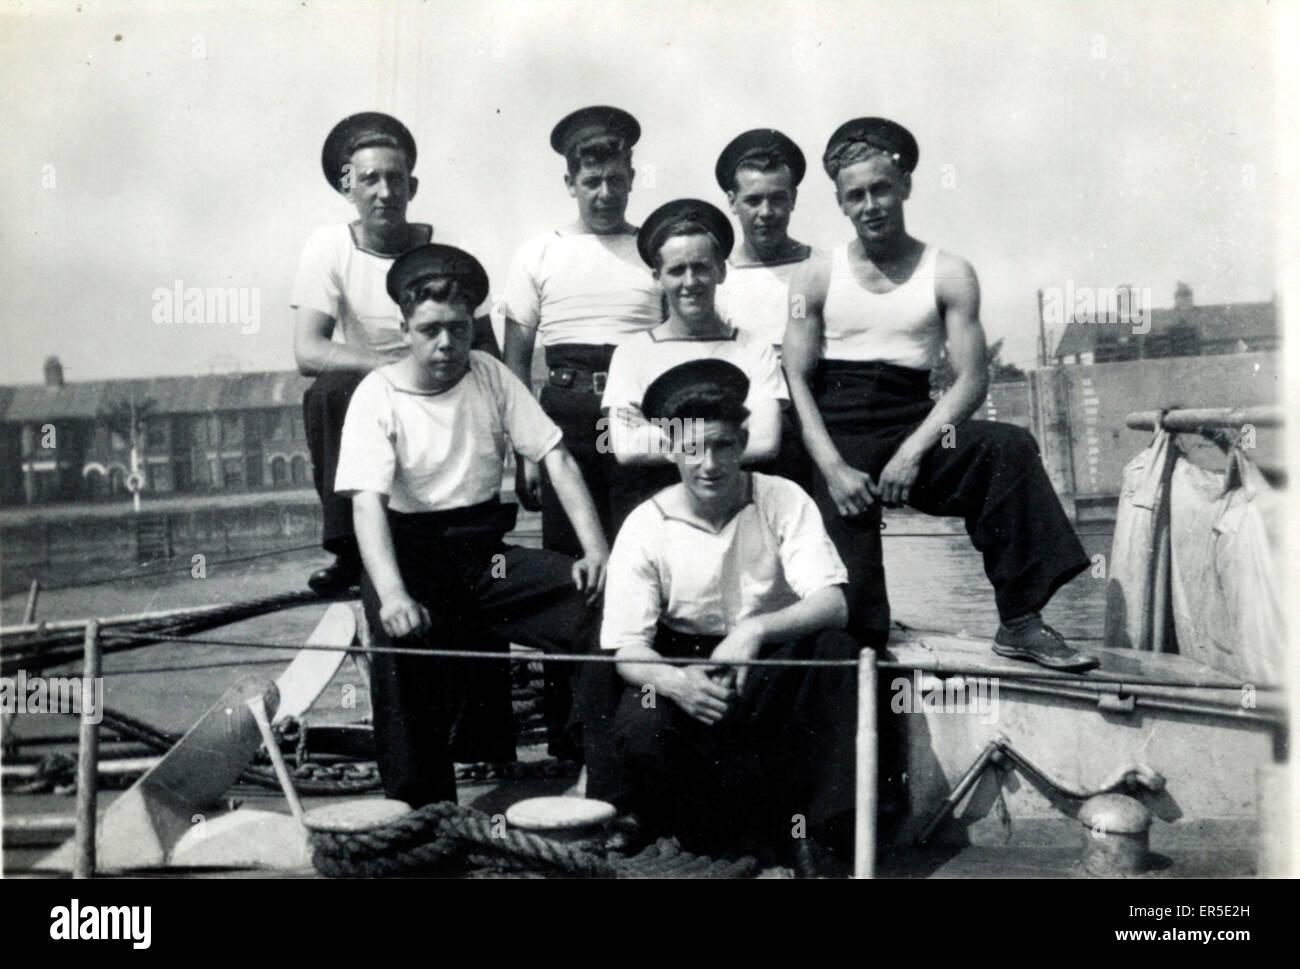 Le personnel de la marine, Southampton, Hampshire, Angleterre. Années 1950 Photo Stock